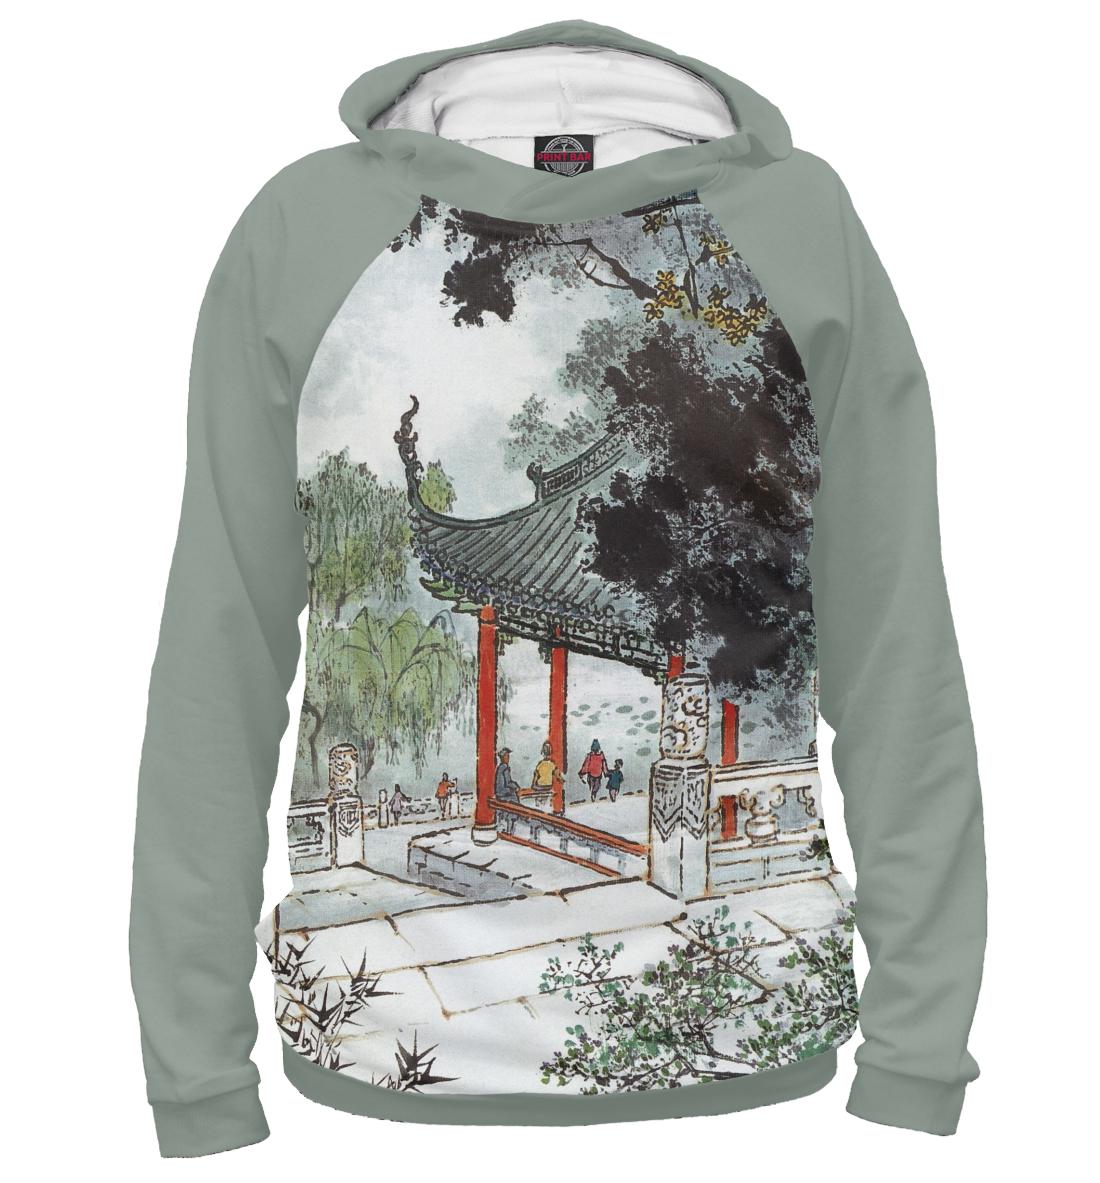 Купить Китайский акварельный рисунок, Printbar, Худи, GHI-835344-hud-1